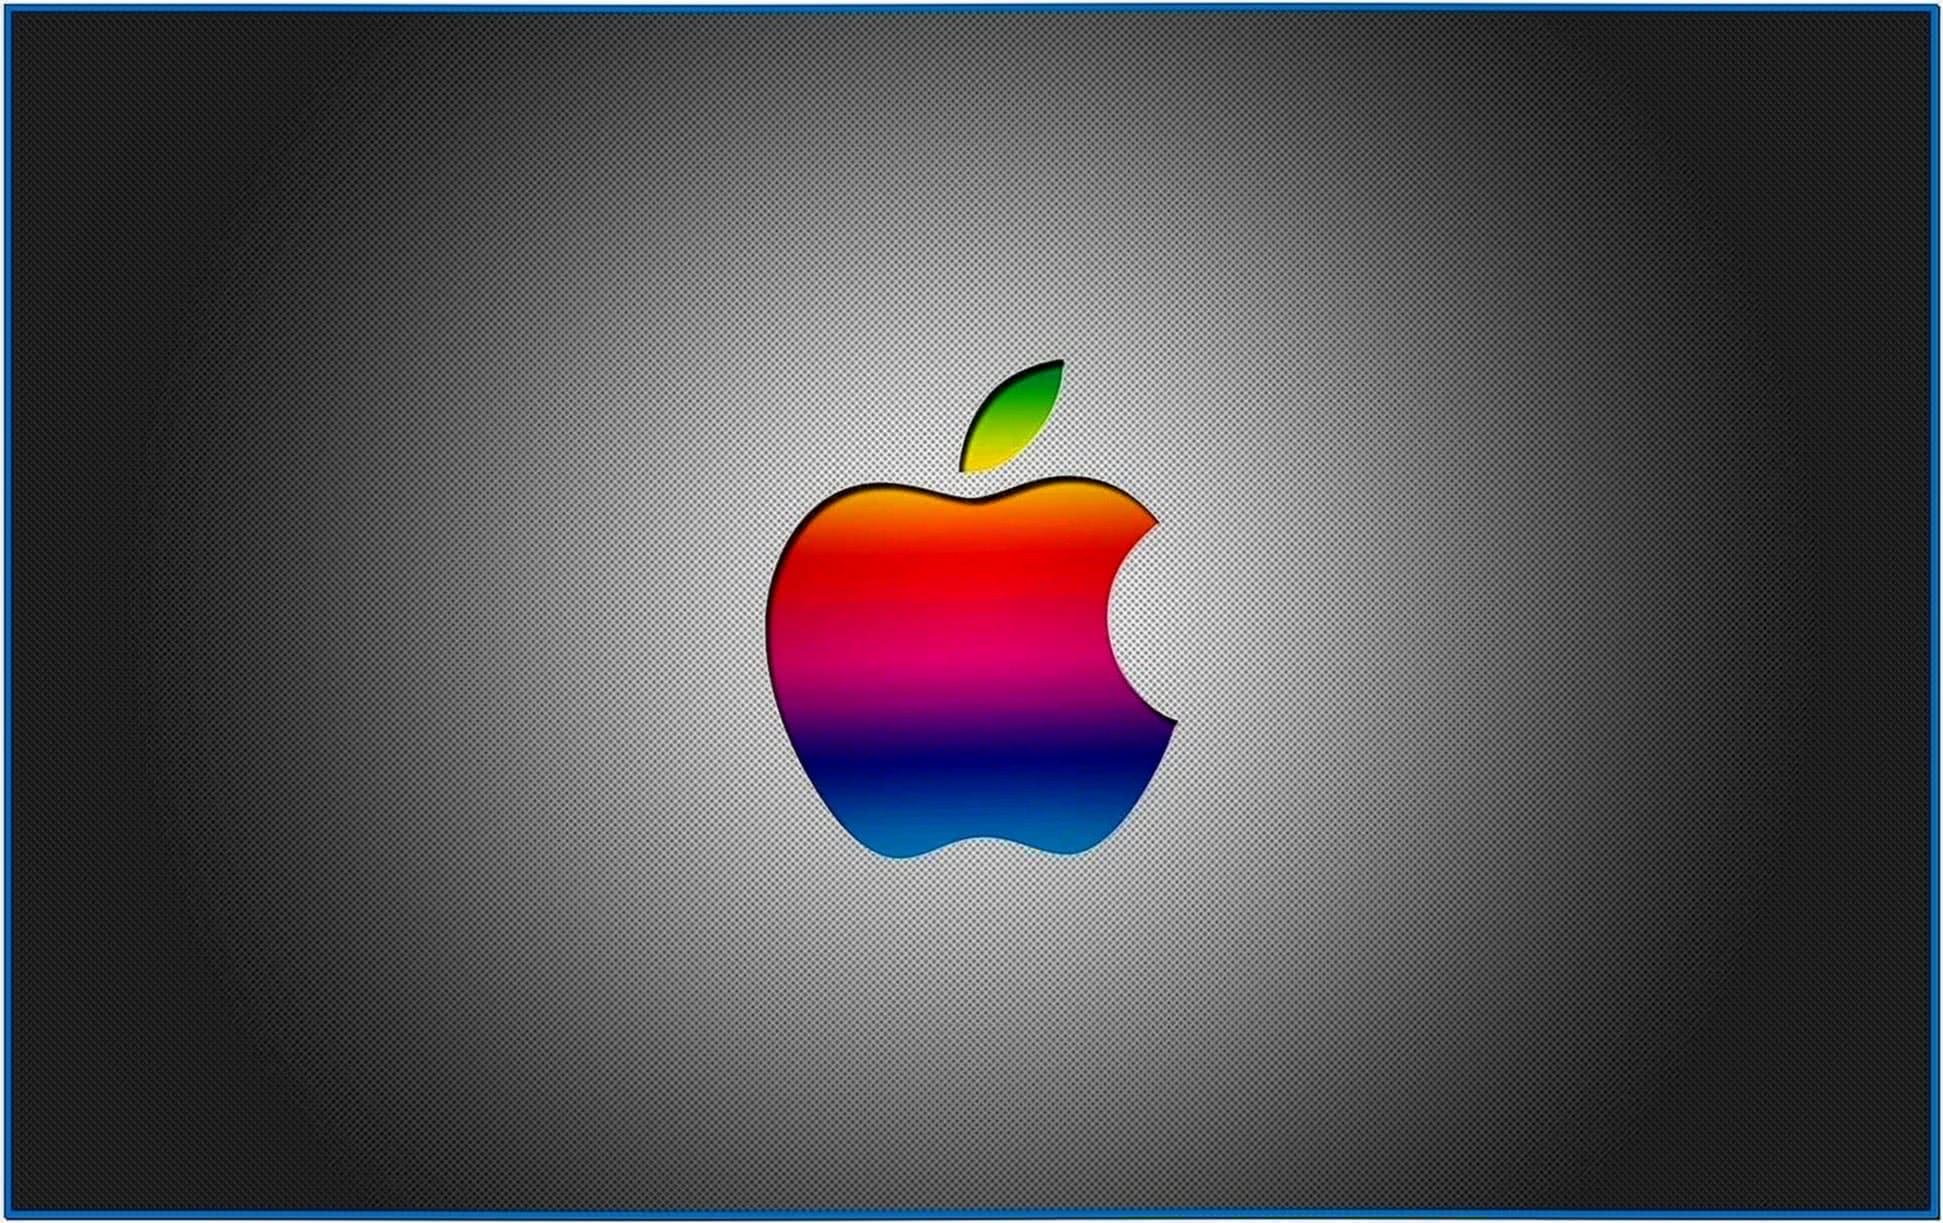 Coolest Mac Screensavers 2020